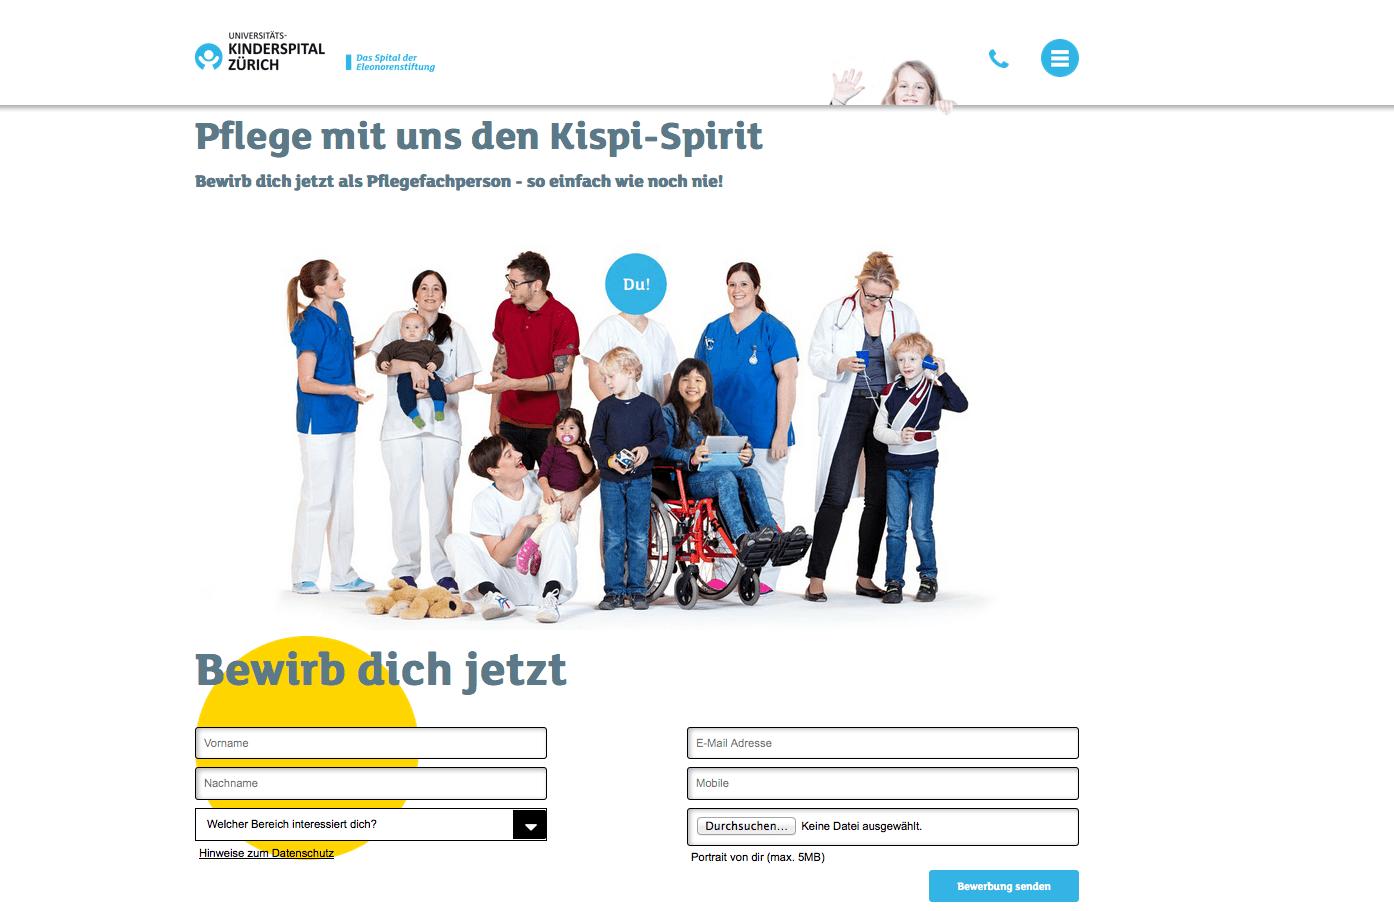 Die Karriereseite vom Kispi Zürich